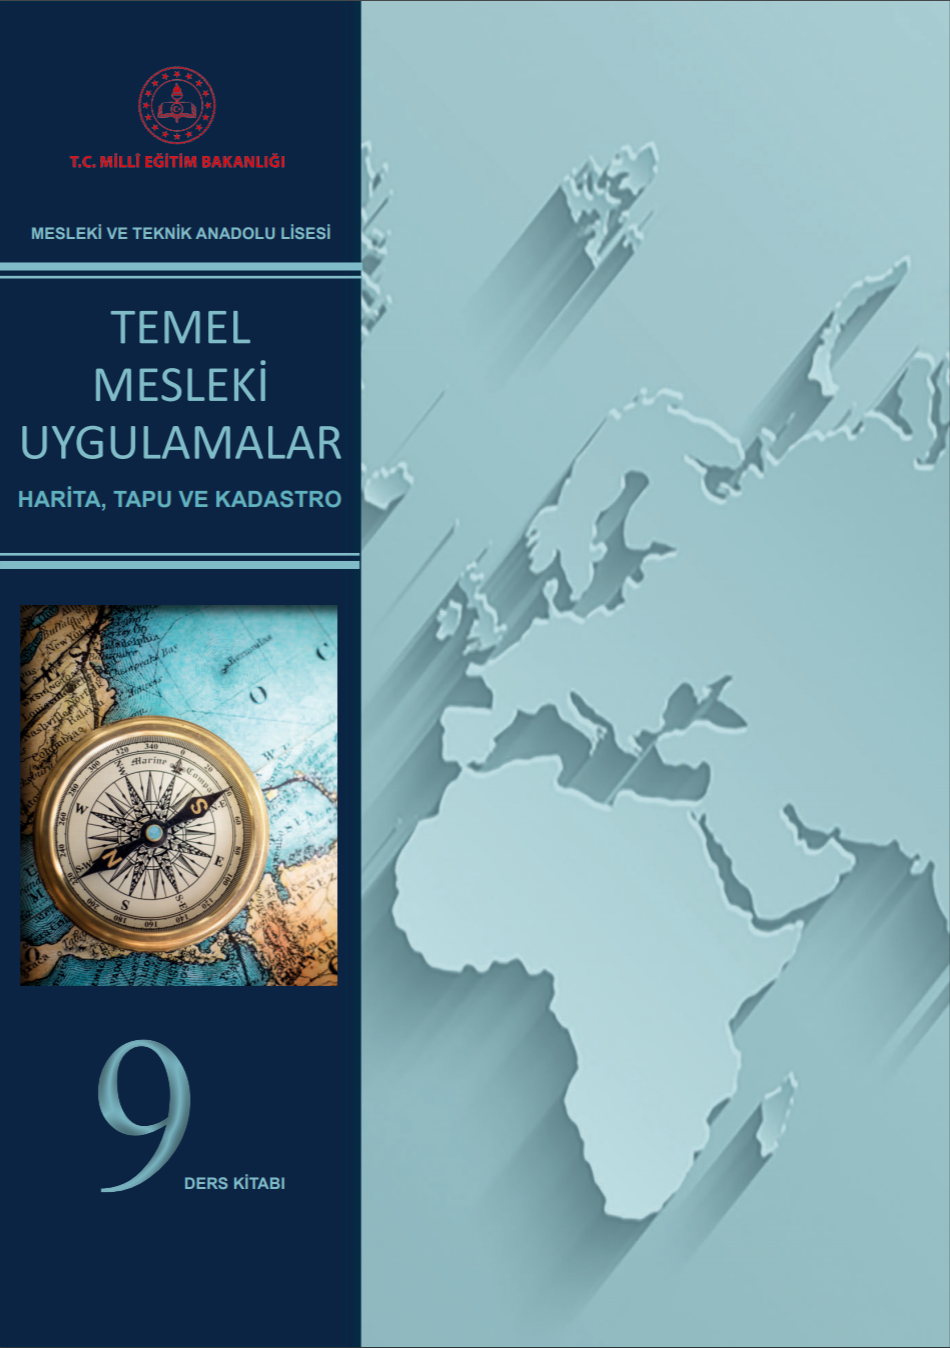 TEMEL MESLEKİ UYGULAMALAR